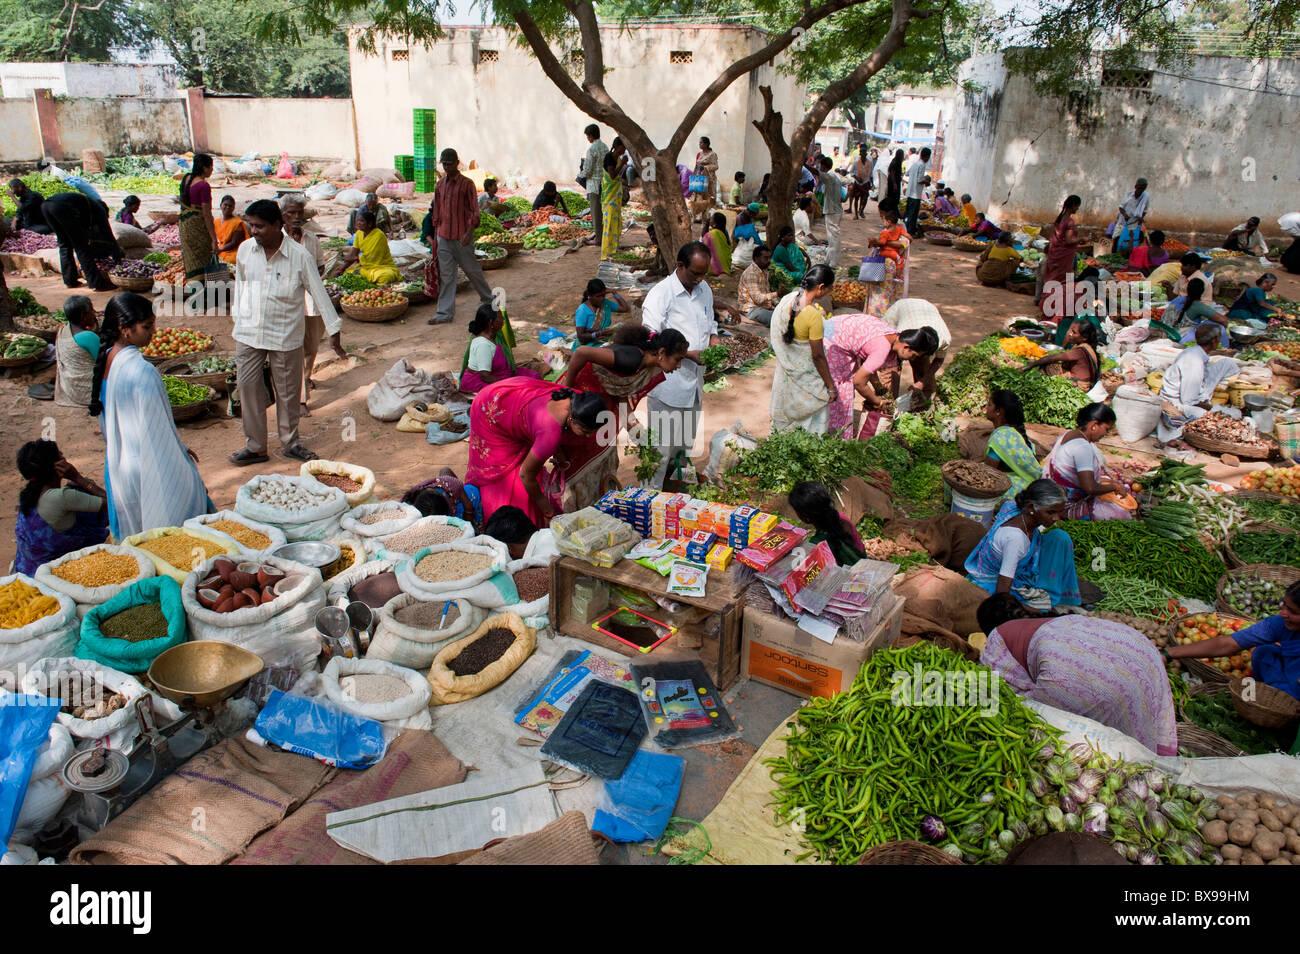 Indian strada del mercato per la vendita di frutta e verdura e prodotti essiccati. Andhra Pradesh, India Immagini Stock